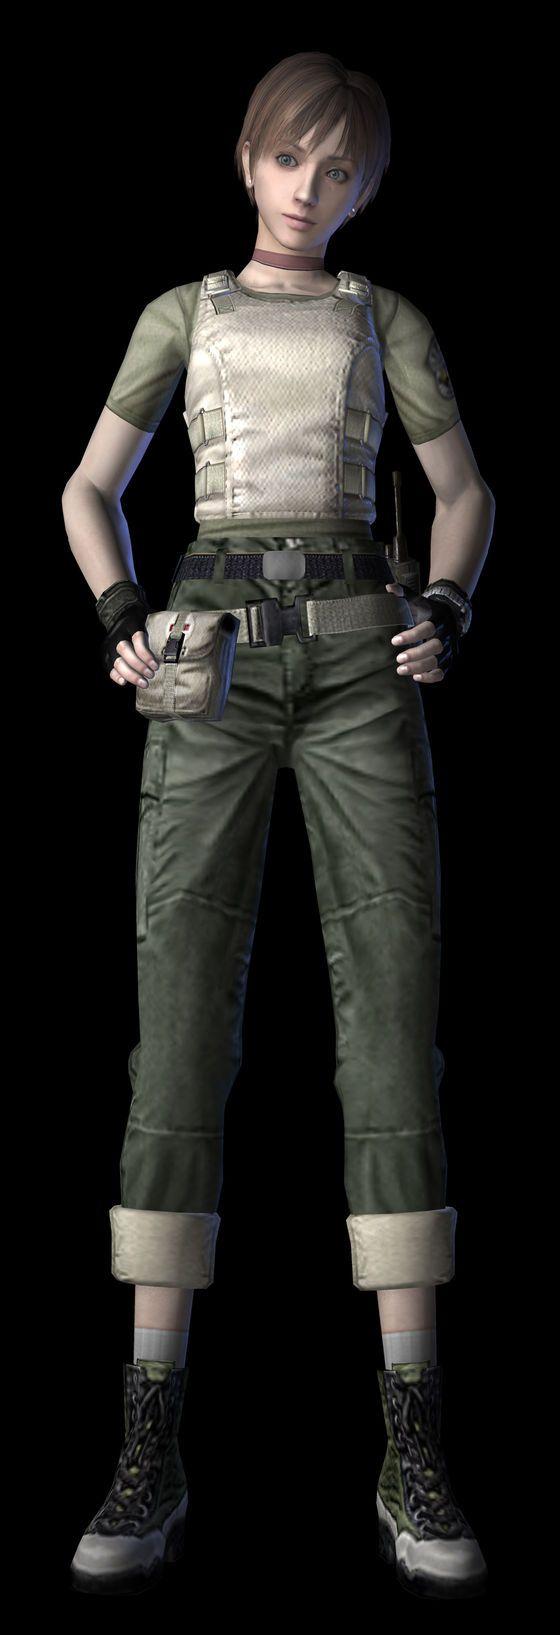 Rebecca Chambers from Resident Evil 0/REmake #residentevil #cosplay